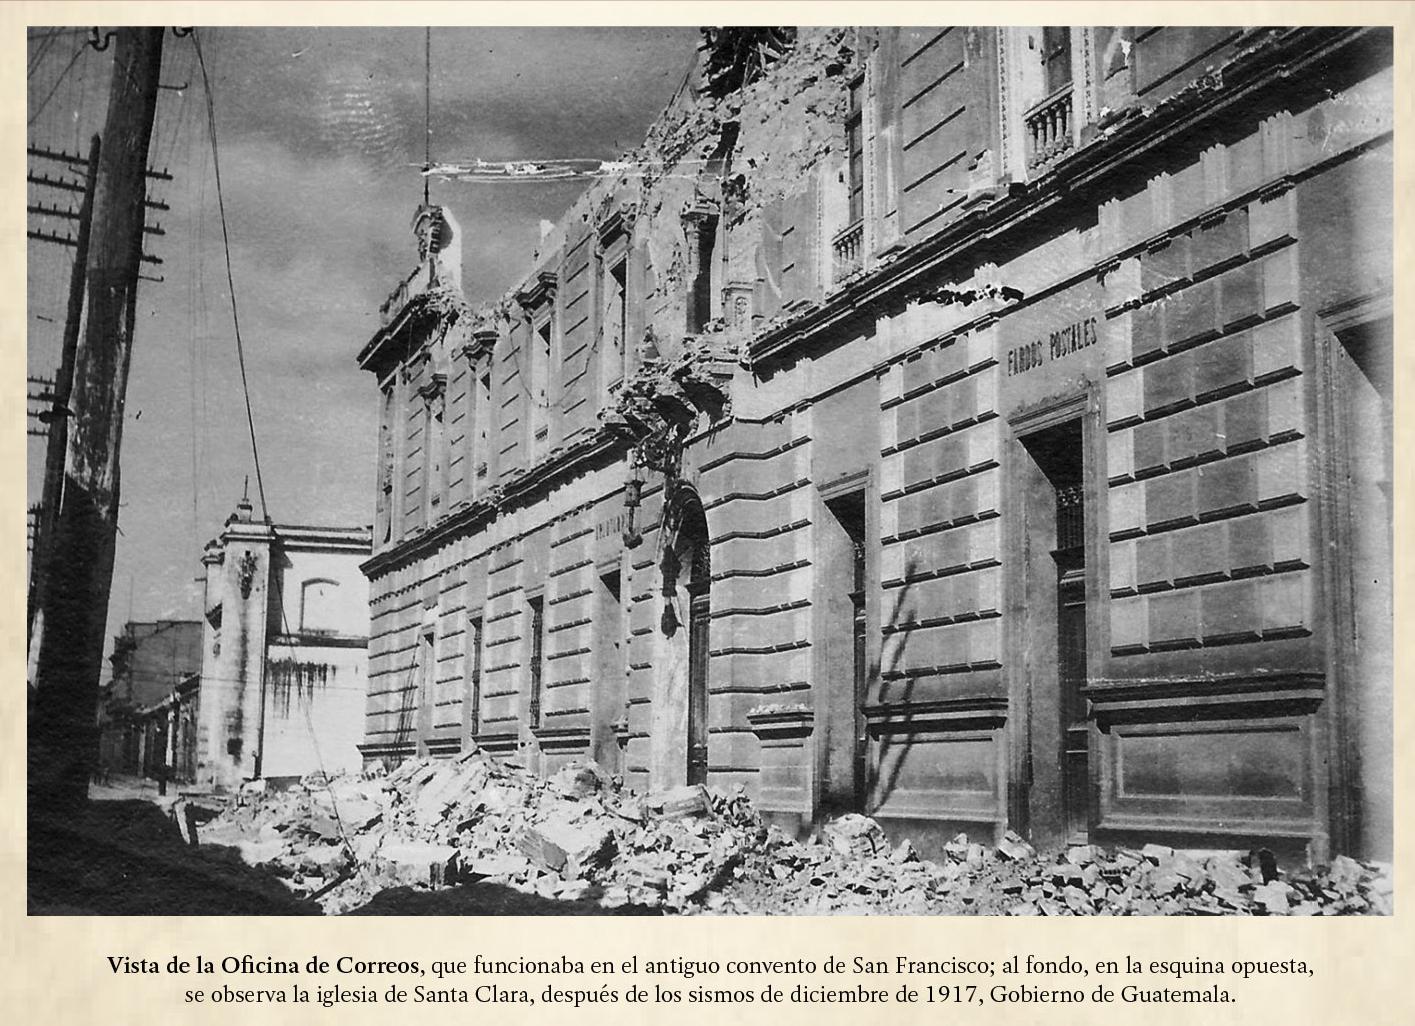 Antiguo Convento de San Francisco posterior al terremoto de 1917.